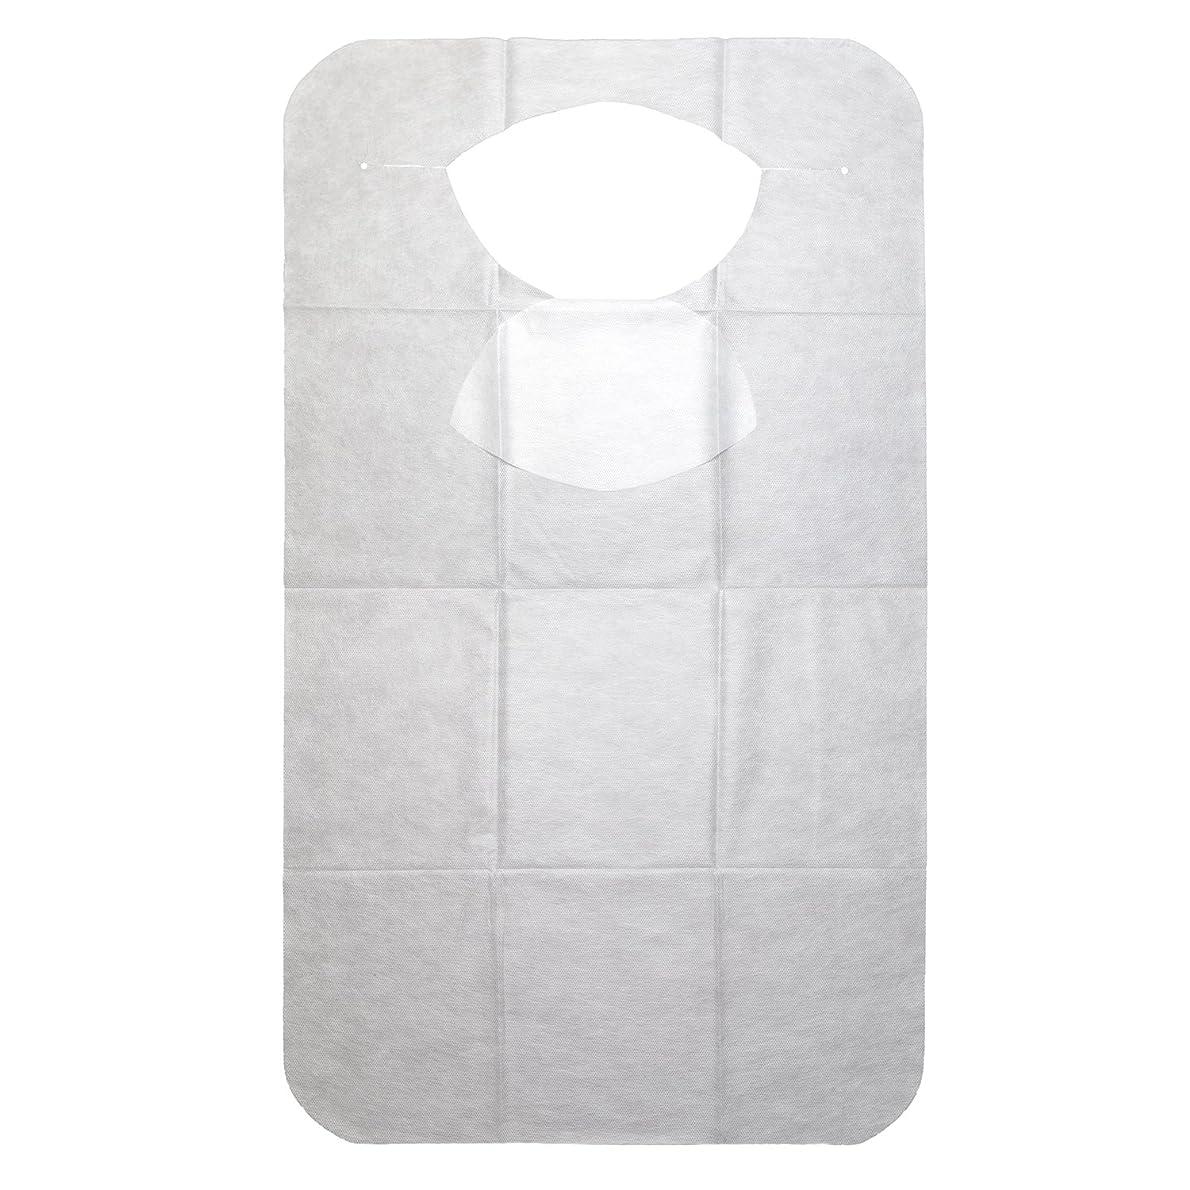 志す電池キャンベラストリックスデザイン 使い捨てエプロン 襟元カバー付 白 43×75cm 3層構造 不織布 お食事に KN-947 30枚入,40個セット